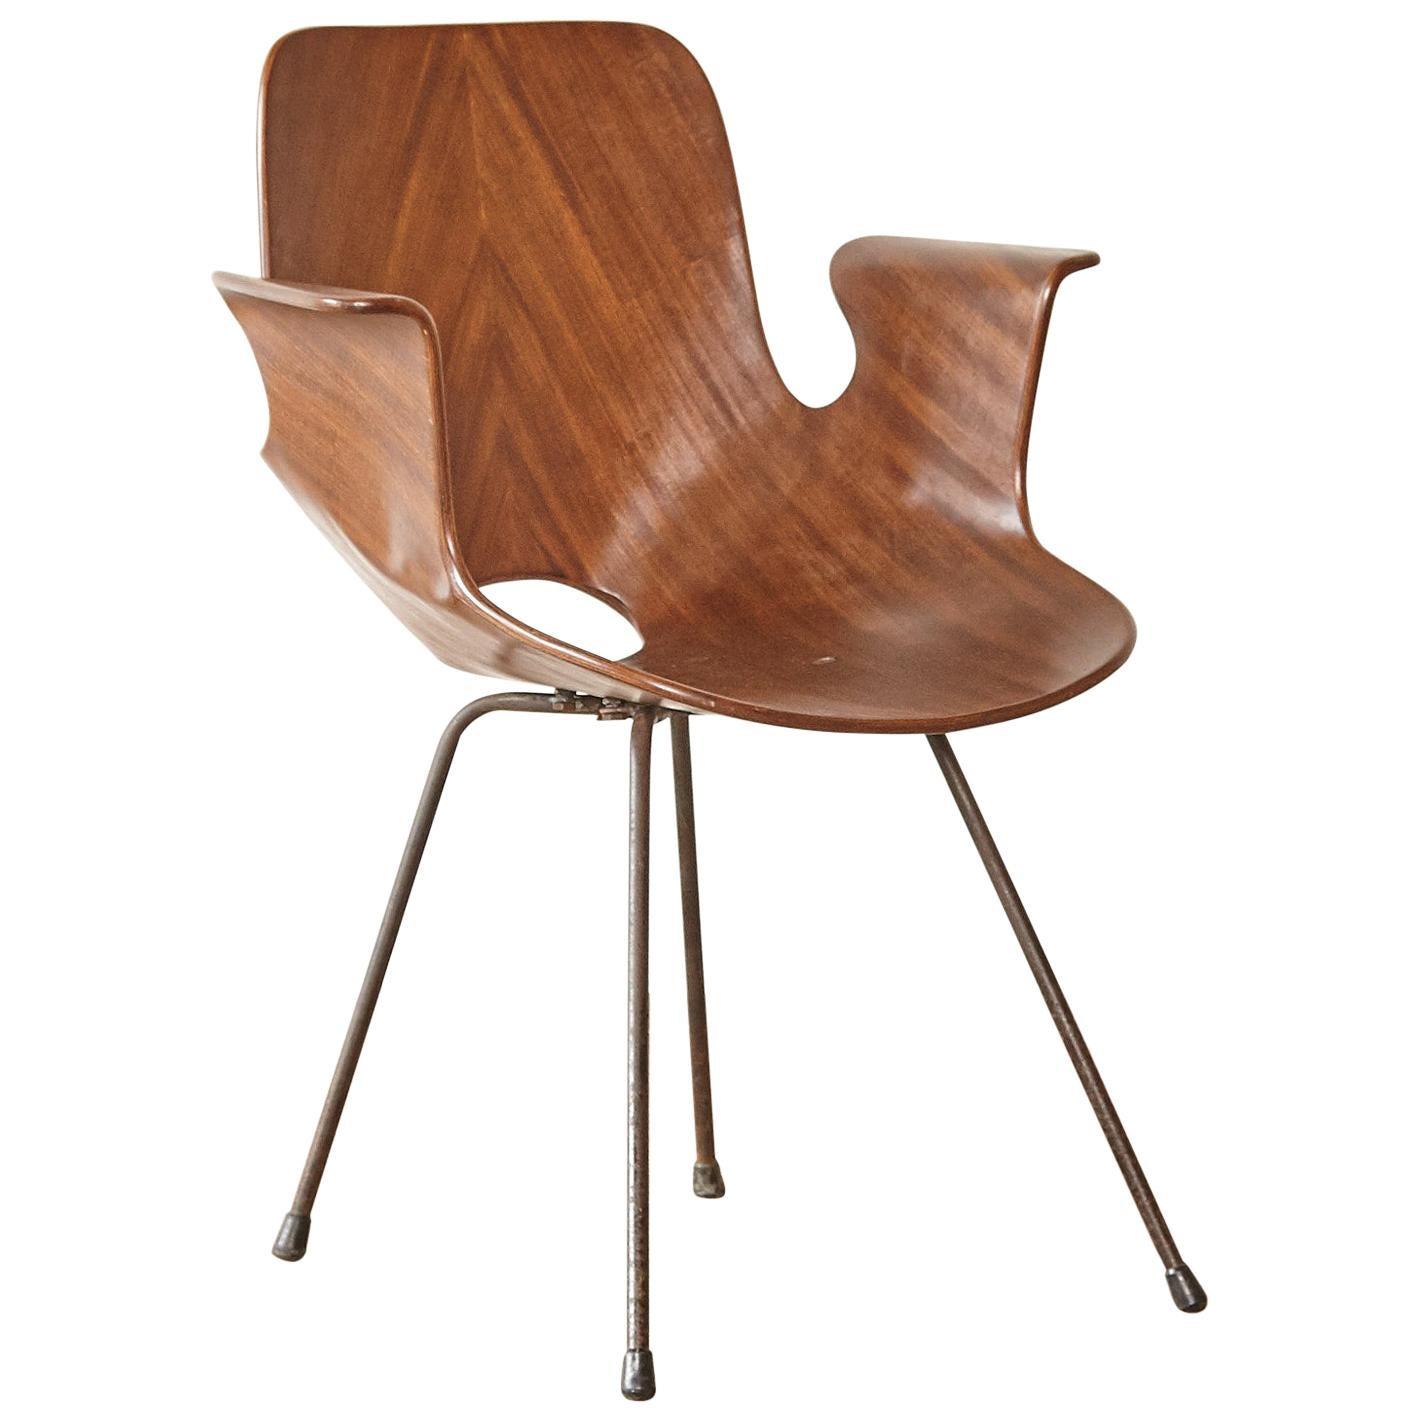 Vittorio Nobili for Fratelli Tagliabue Medea Chair, Italy, 1950s